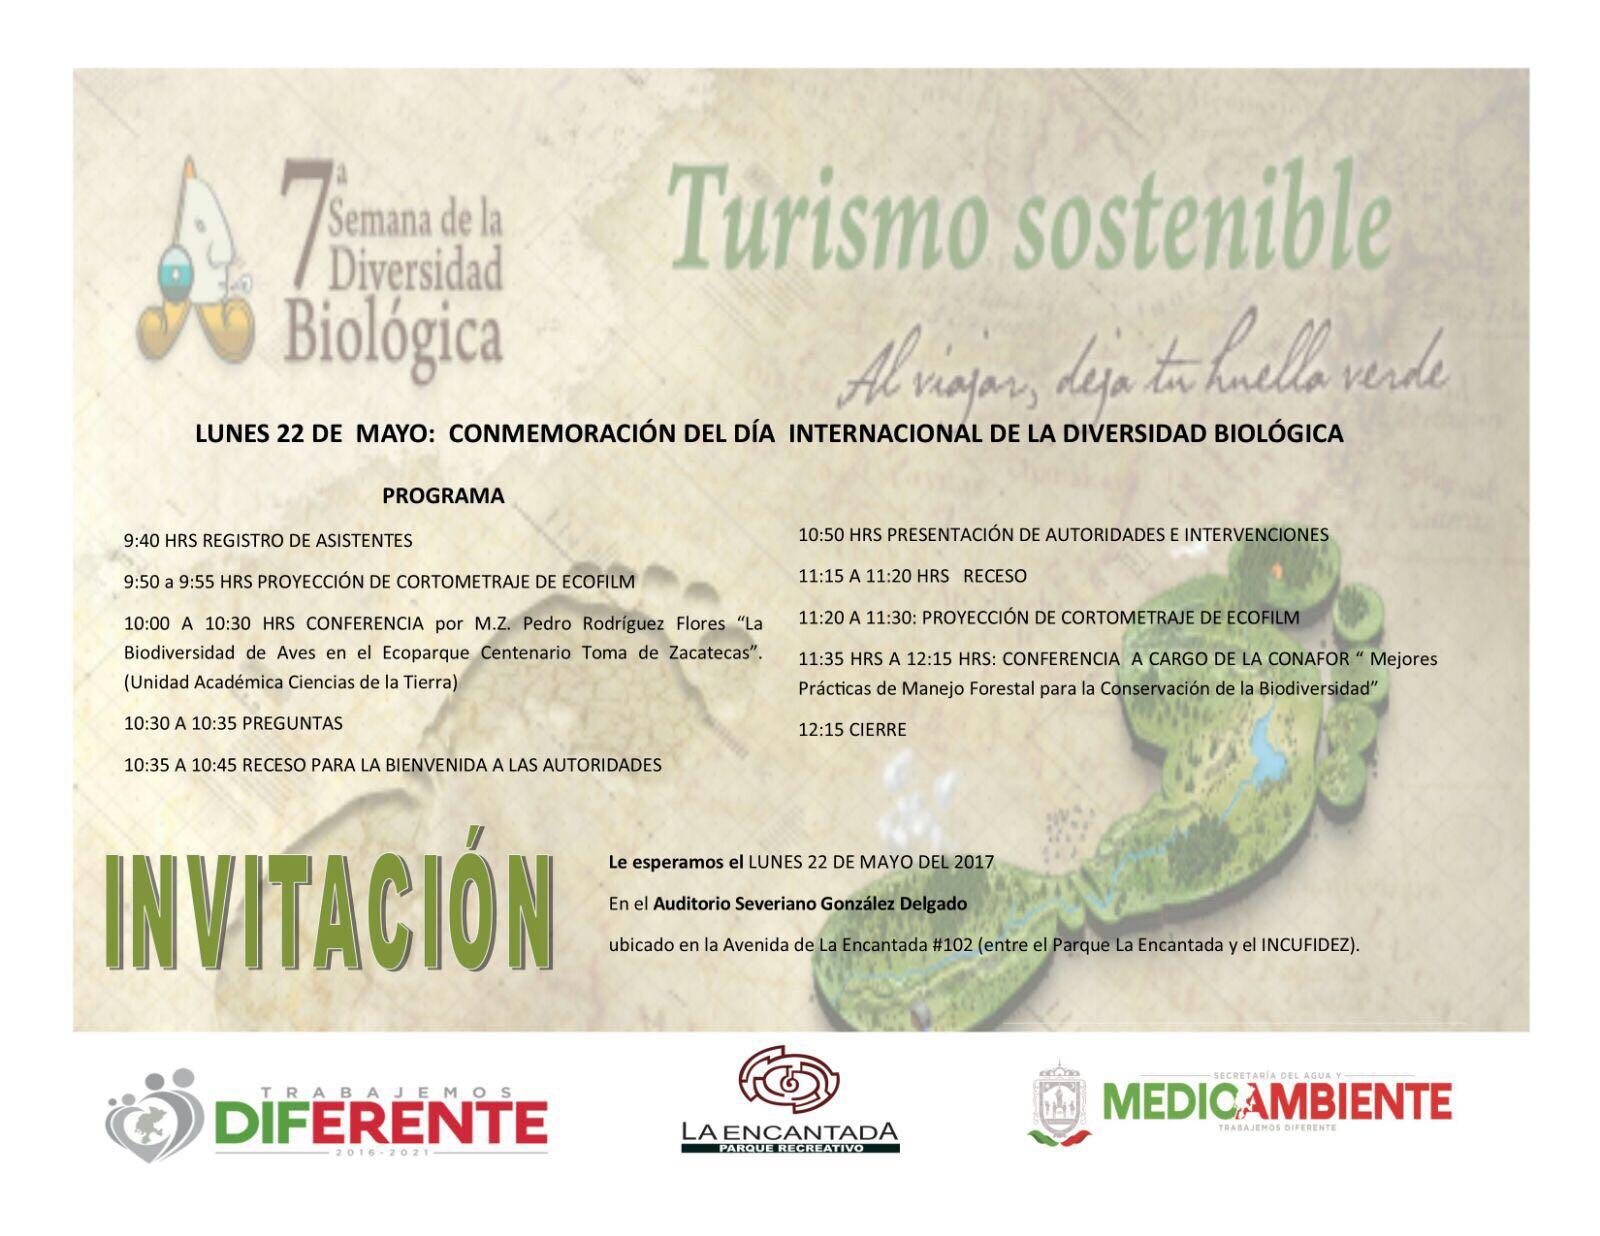 Conmemoración del día Internacional de la Diversidad Biológica